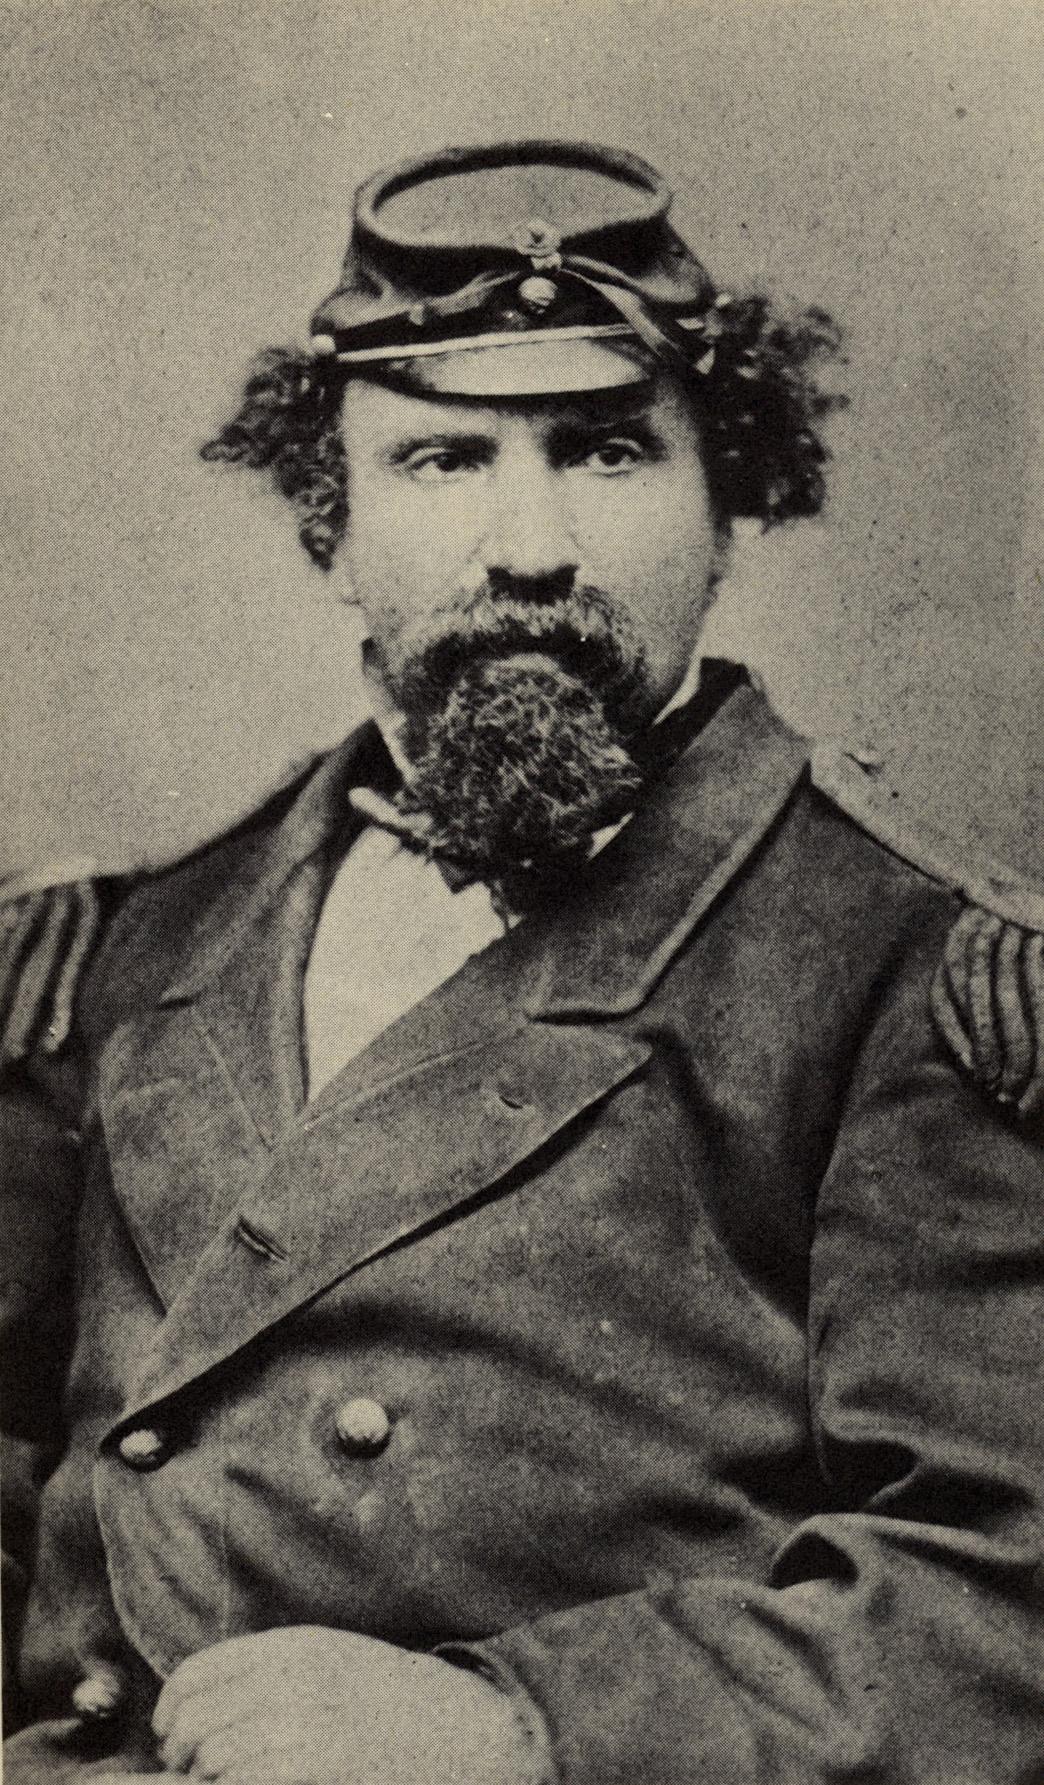 Emperor Norton in the 1870s (a)